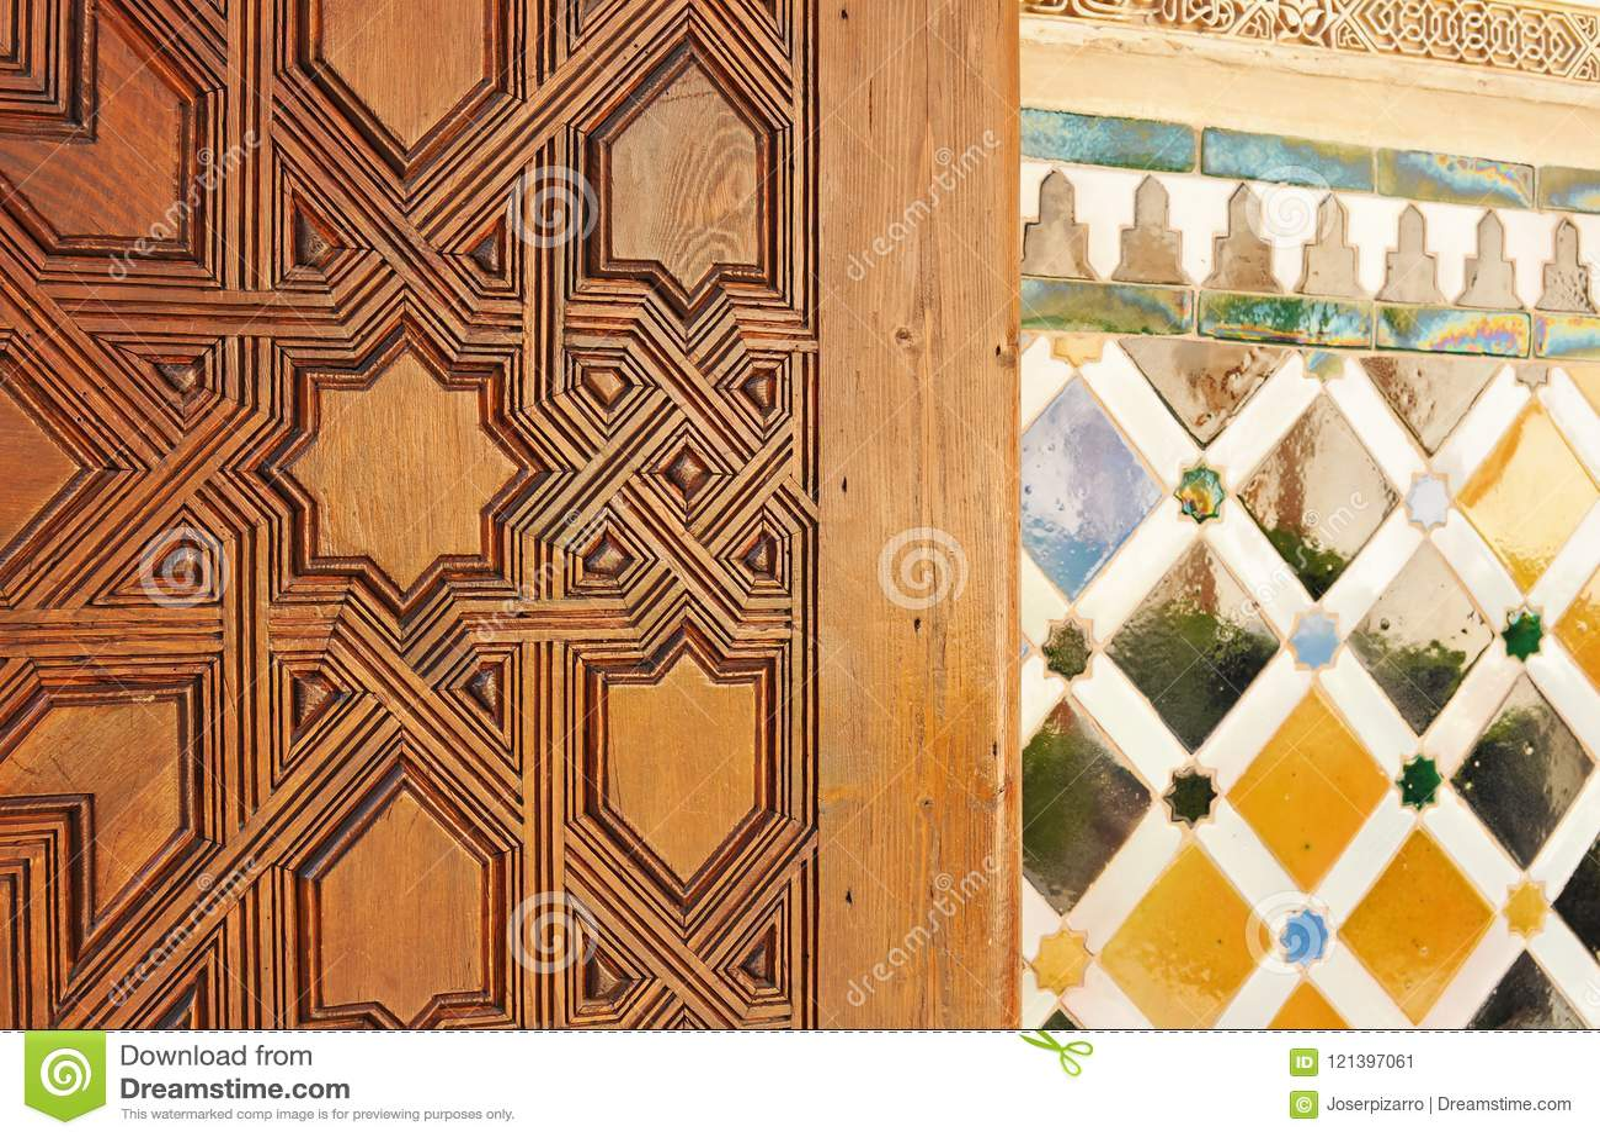 Mosaico Di Legno.Porta Di Legno Scolpita E Mosaico Delle Mattonelle Con Stile